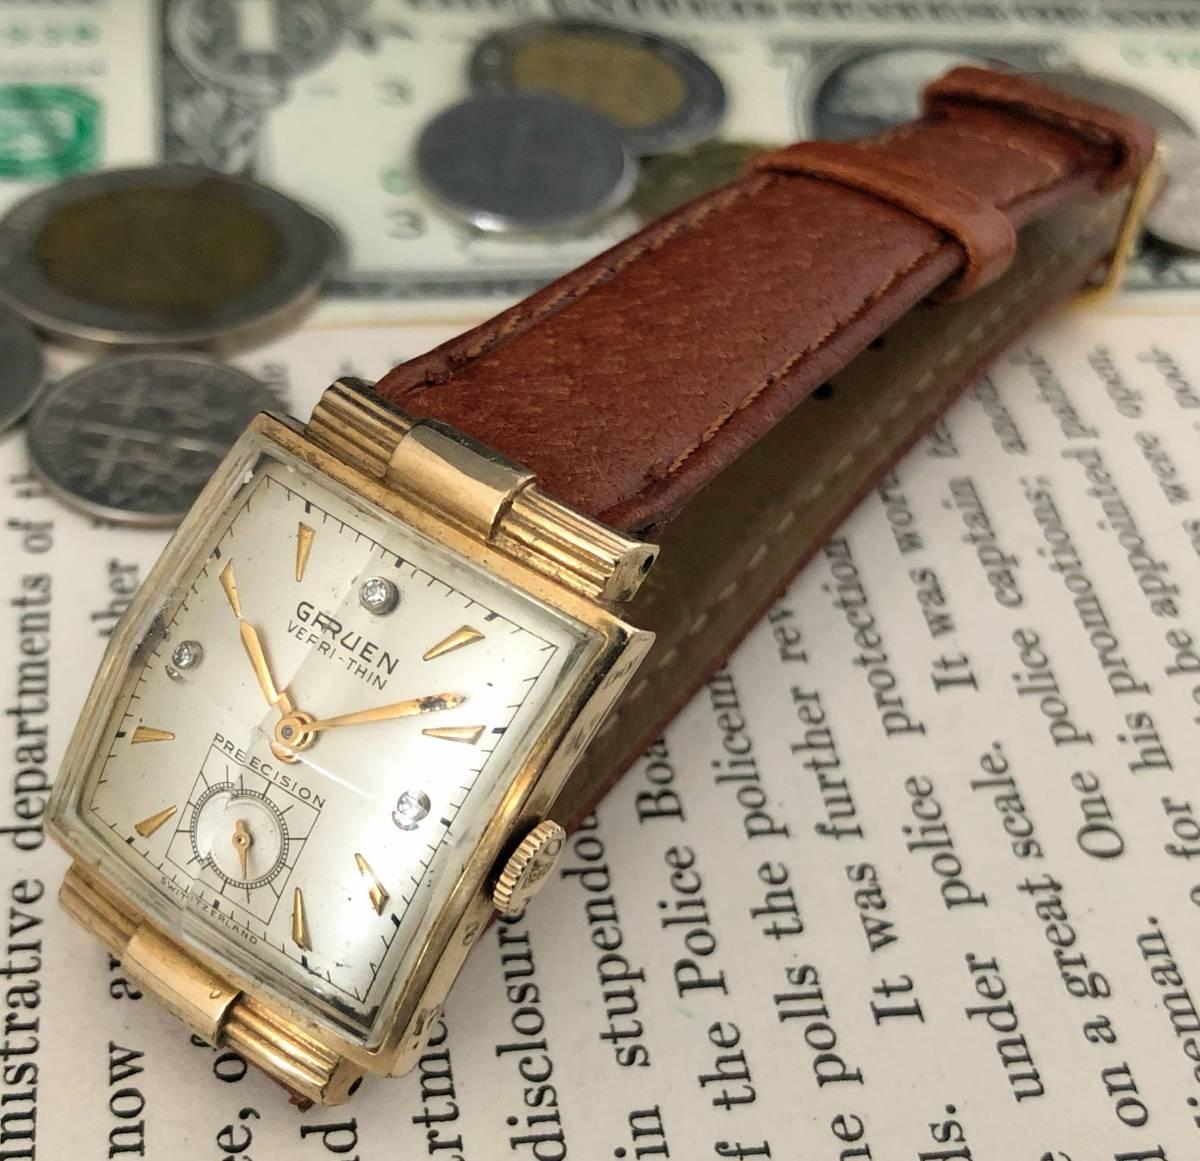 【貴重】◎/グリュエン/GRUEN/ゴールド/1950's/アンティーク/Veri-Thin/10K/スクエア/手巻/金張/ベリシン/メンズ腕時計/アメリカ/送料無料_画像7